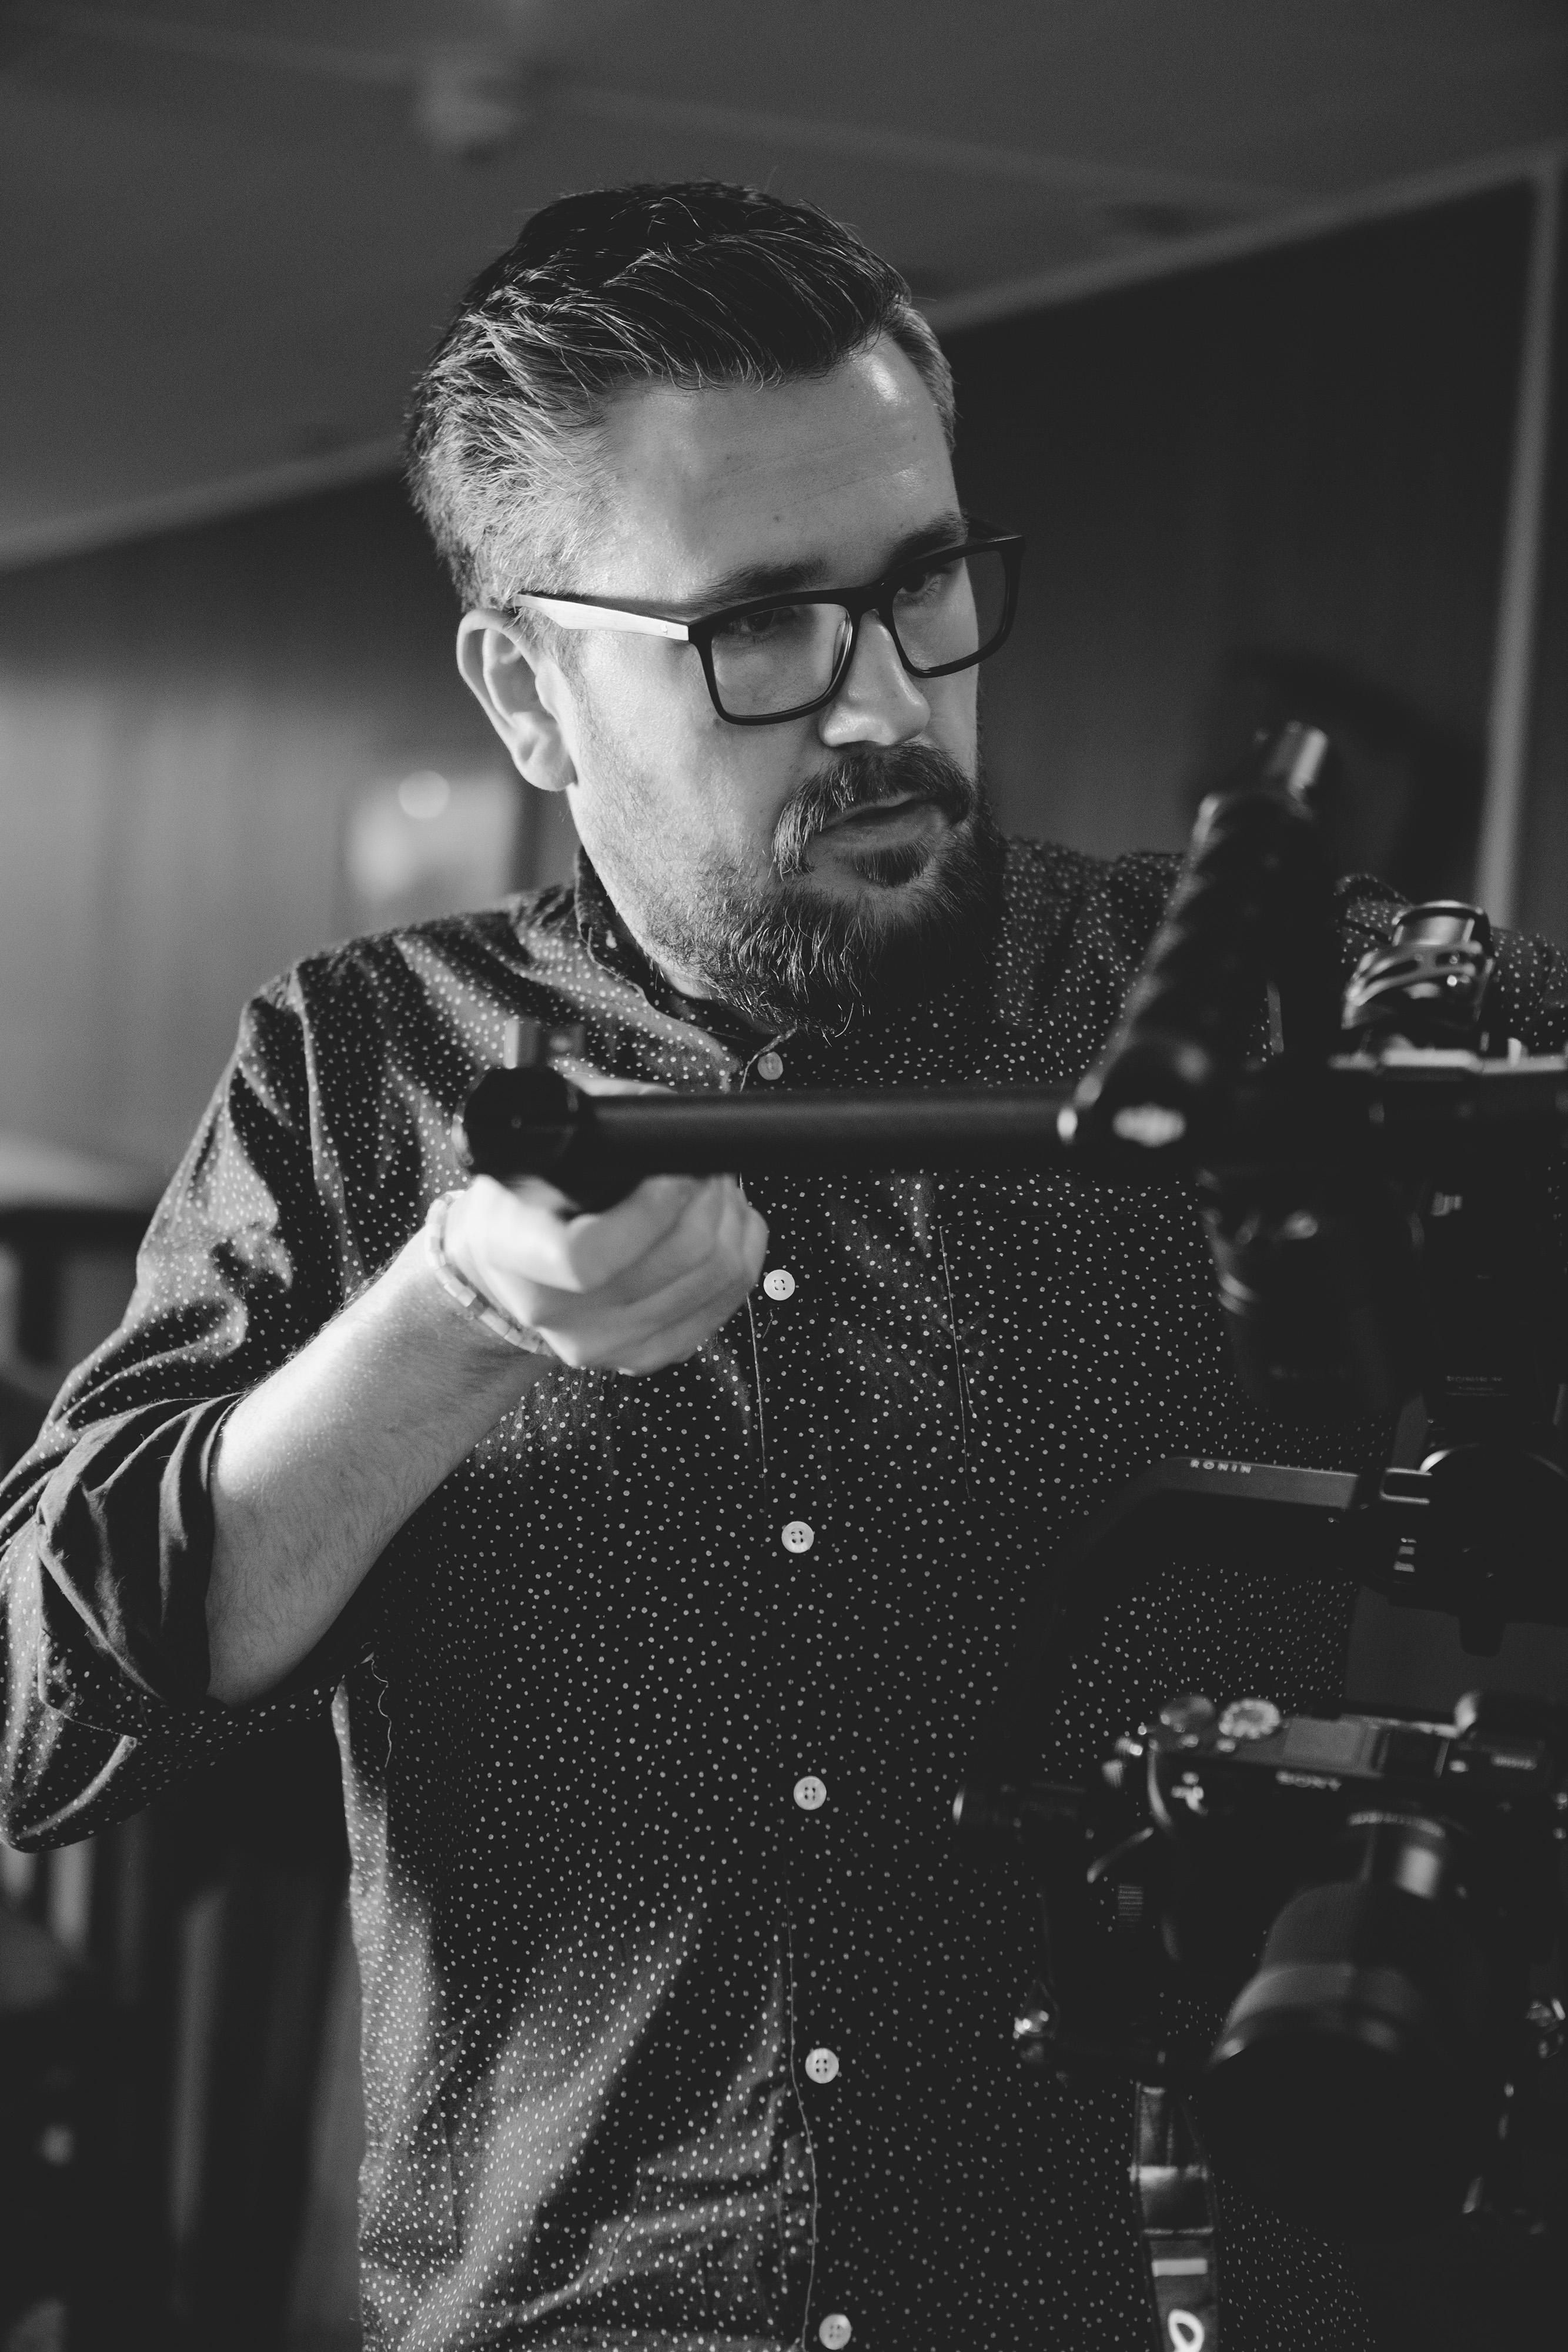 Fotograf Daniel Wengel